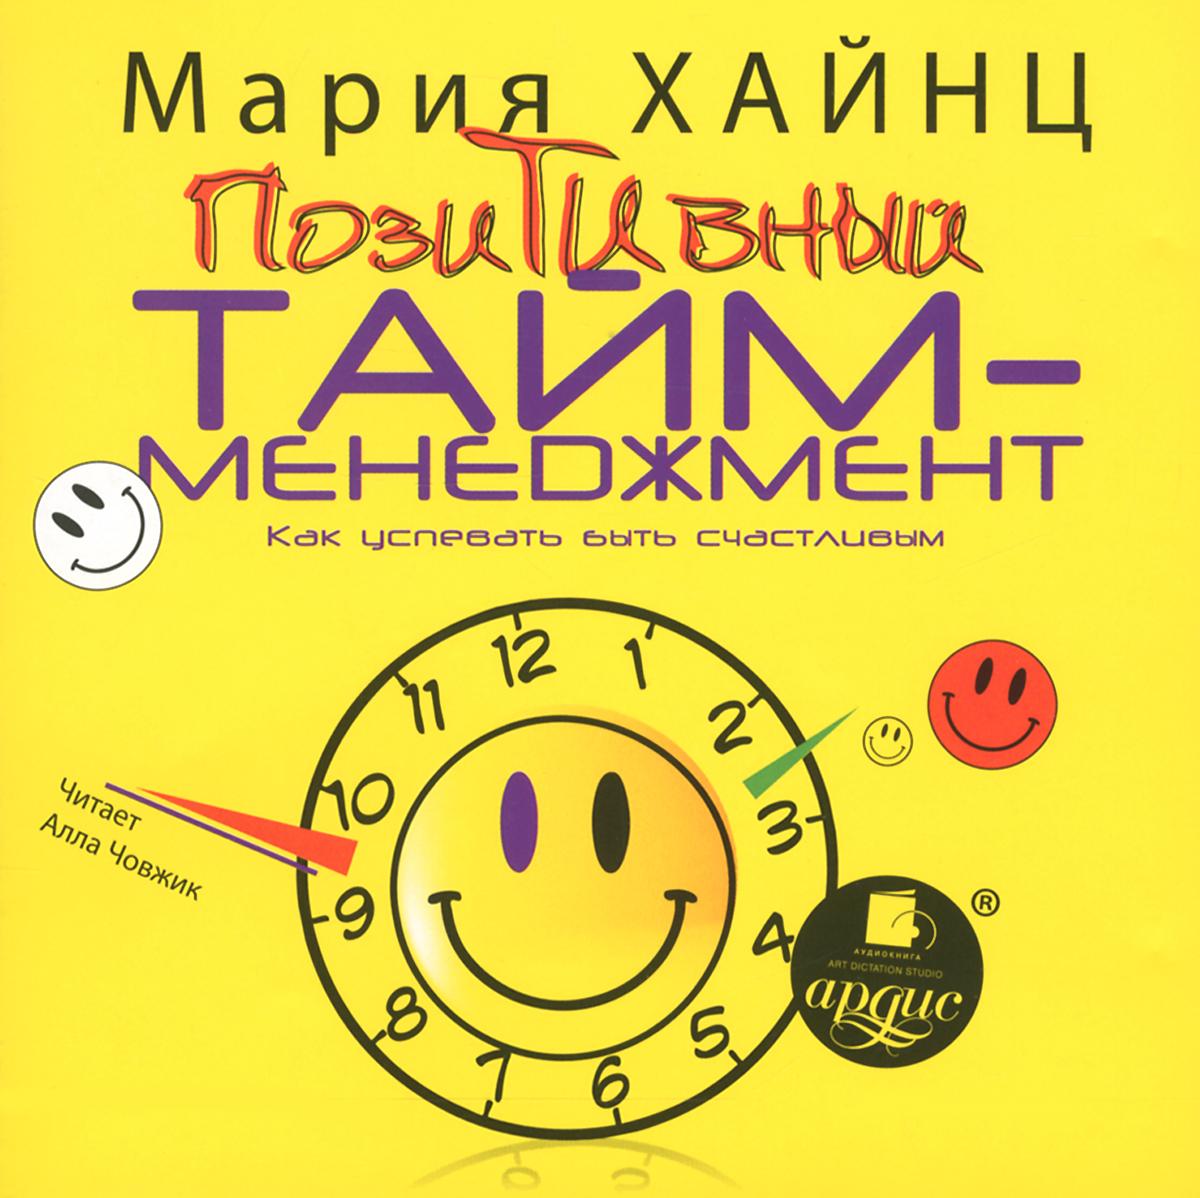 Позитивный тайм-менеджмент. Как успевать быть счастливым (аудиокнига MP3 на CD)12296407Студия АРДИС предлагает вашему вниманию аудиокнигу Позитивный тайм-менеджмент. Как успевать быть счастливым психолога-консультанта по позитивной психологии, известного блогера Марии Хайнц. Основная цель человеческой жизни - счастье, - говорил далай-лама. - Независимо от того, кто мы - атеисты или верующие, буддисты или христиане, - все мы ищем чего-то лучшего в жизни. Таким образом, по моему мнению, основное движение в нашей жизни - это движение к счастью... И все же немногие могут назвать себя безоговорочно счастливыми людьми. В этой книге Мария Хайнц попыталась объединить лучшее из того, что есть в позитивной психологии и тайм-менеджменте, чтобы дать занятым людям инструмент для более счастливой жизни. Уверены, тайм-менеджмент станет от этого менее скучным, а вы - более продуктивными и позитивными людьми.